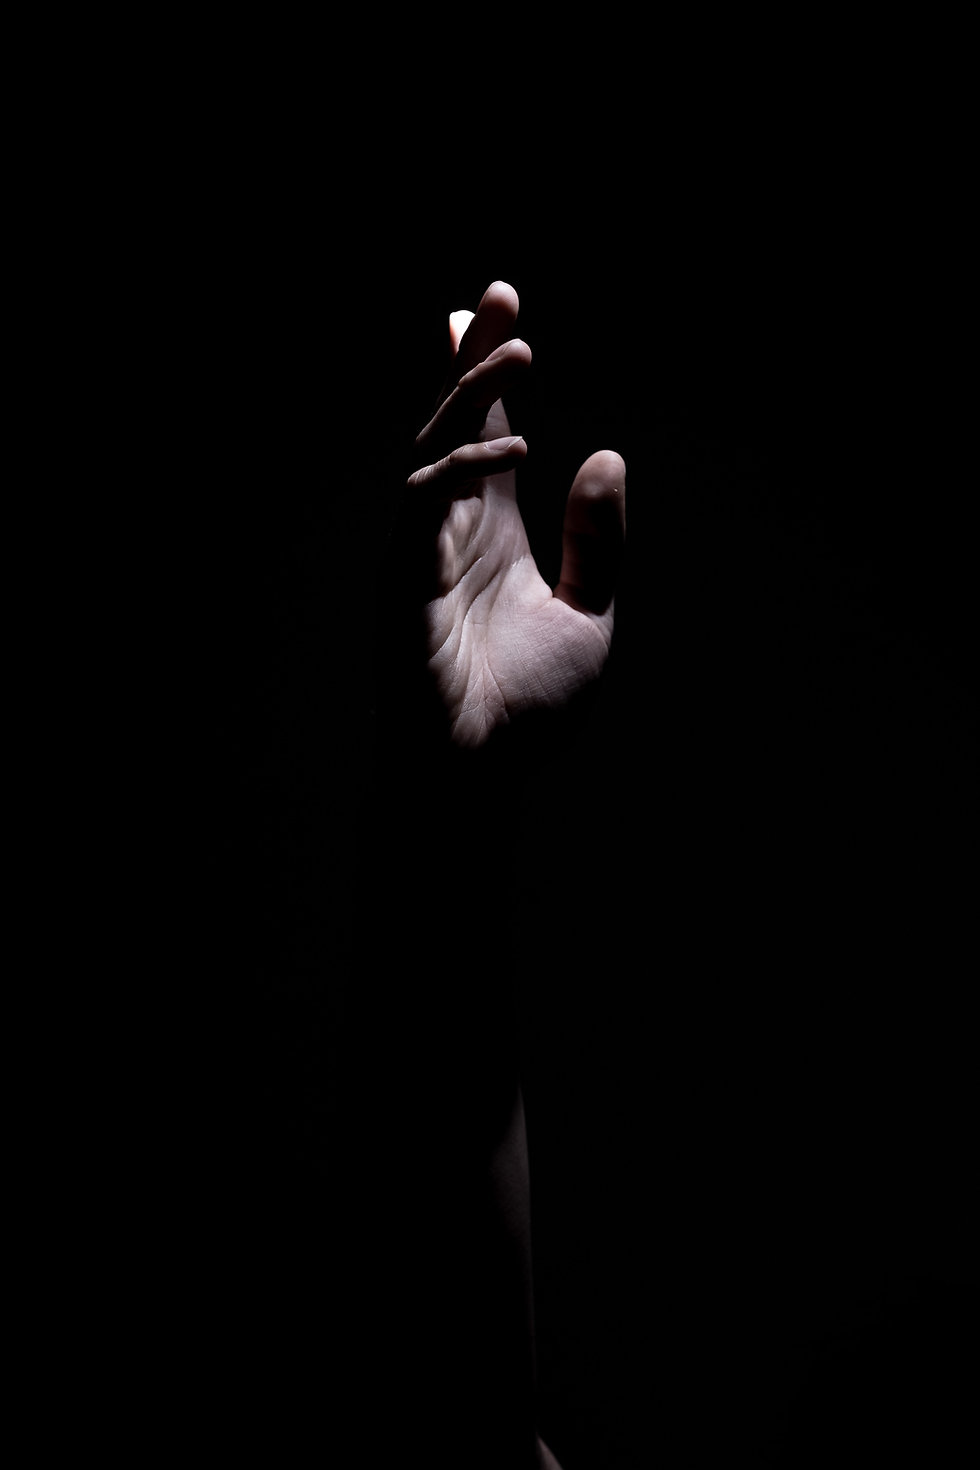 Image by Akira Hojo